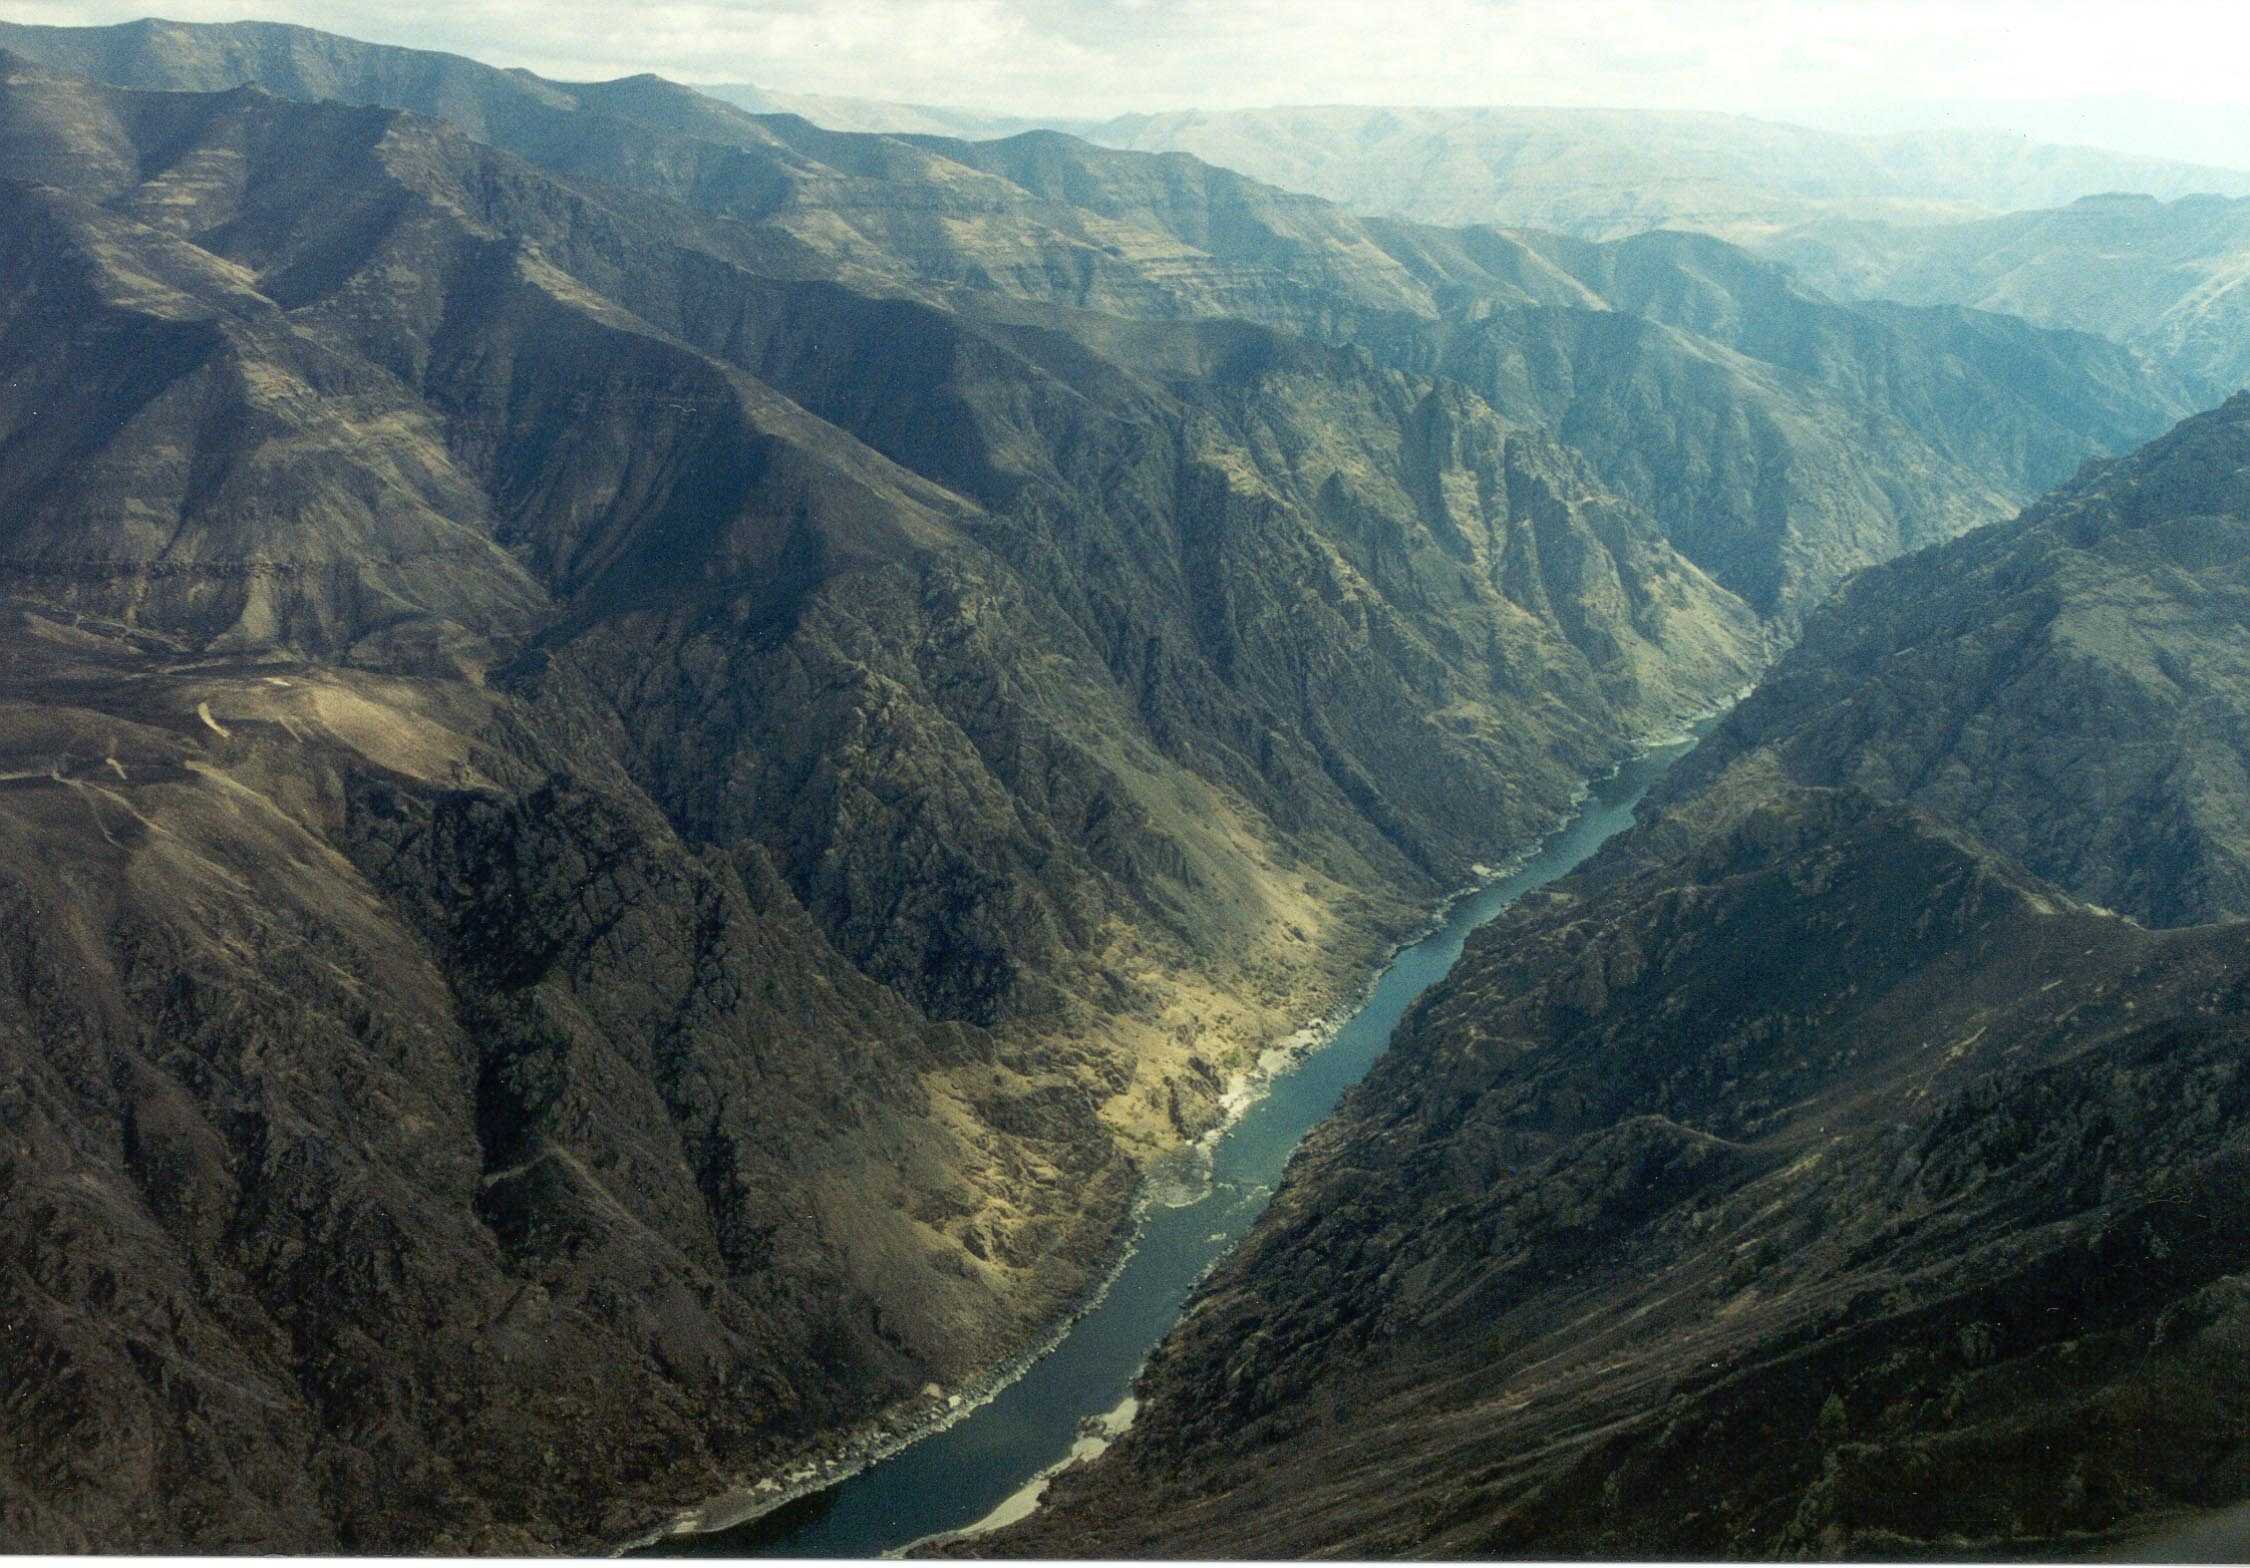 canyon_view.jpg